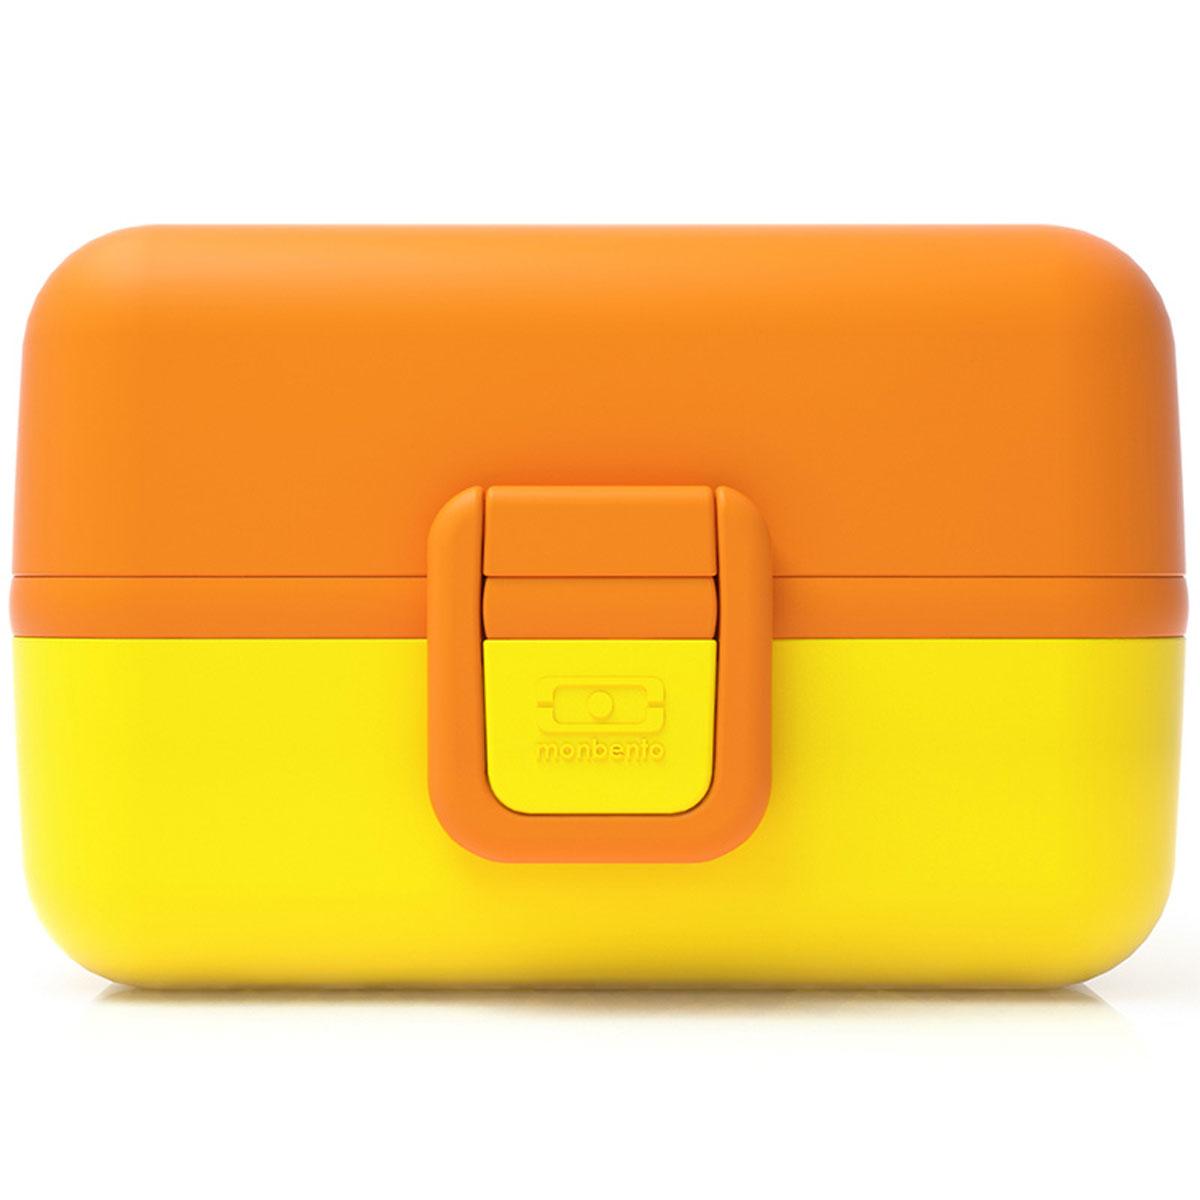 Ланчбокс Monbento Tresor, цвет: банановый, 900 мл3548360Ланчбокс Monbento Tresor изготовлен из высококачественного пищевого пластика. Предназначен для хранения и переноски пищевых продуктов. Ланчбокс плотно закрывается на две защелки. Внутри имеется большое прямоугольное отделение, которое закрывается крышечкой, и два квадратных контейнера с прозрачными крышками. Компактные размеры позволят хранить ланчбокс в любой сумке. Его удобно взять с собой на работу, отдых, в поездку. Теперь любимая домашняя еда всегда будет под рукой, а яркий дизайн поднимет настроение и подарит заряд позитива. Можно использовать в микроволновой печи и для хранения пищи в холодильнике, можно мыть в посудомоечной машине.Объем: 900 мл. Общий размер ланчбокса: 16 см х 9 см х 10 см. Размер квадратных контейнеров: 7,5 см х 7,5 см х 5 см.